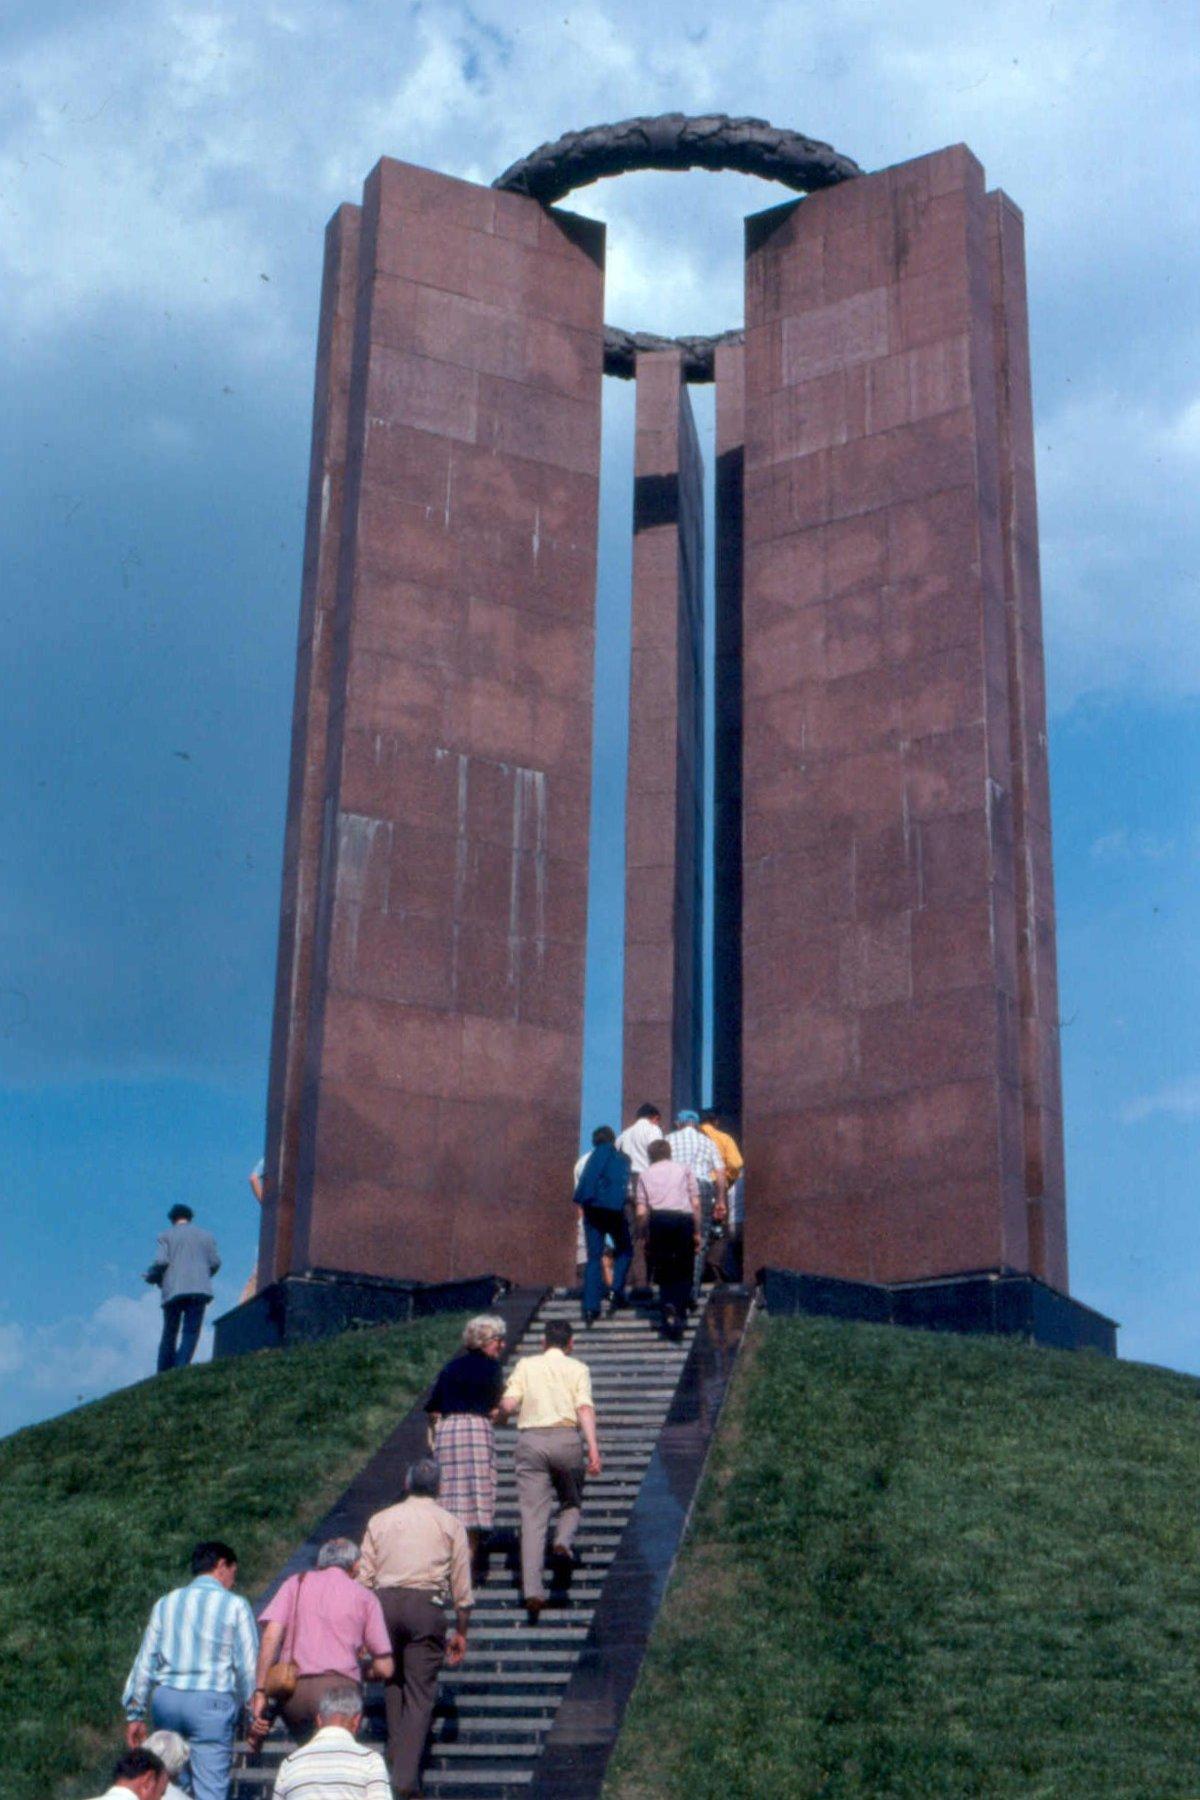 08. Памятник жертвам фашизма недалеко от Дворца Культуры имени Ленина